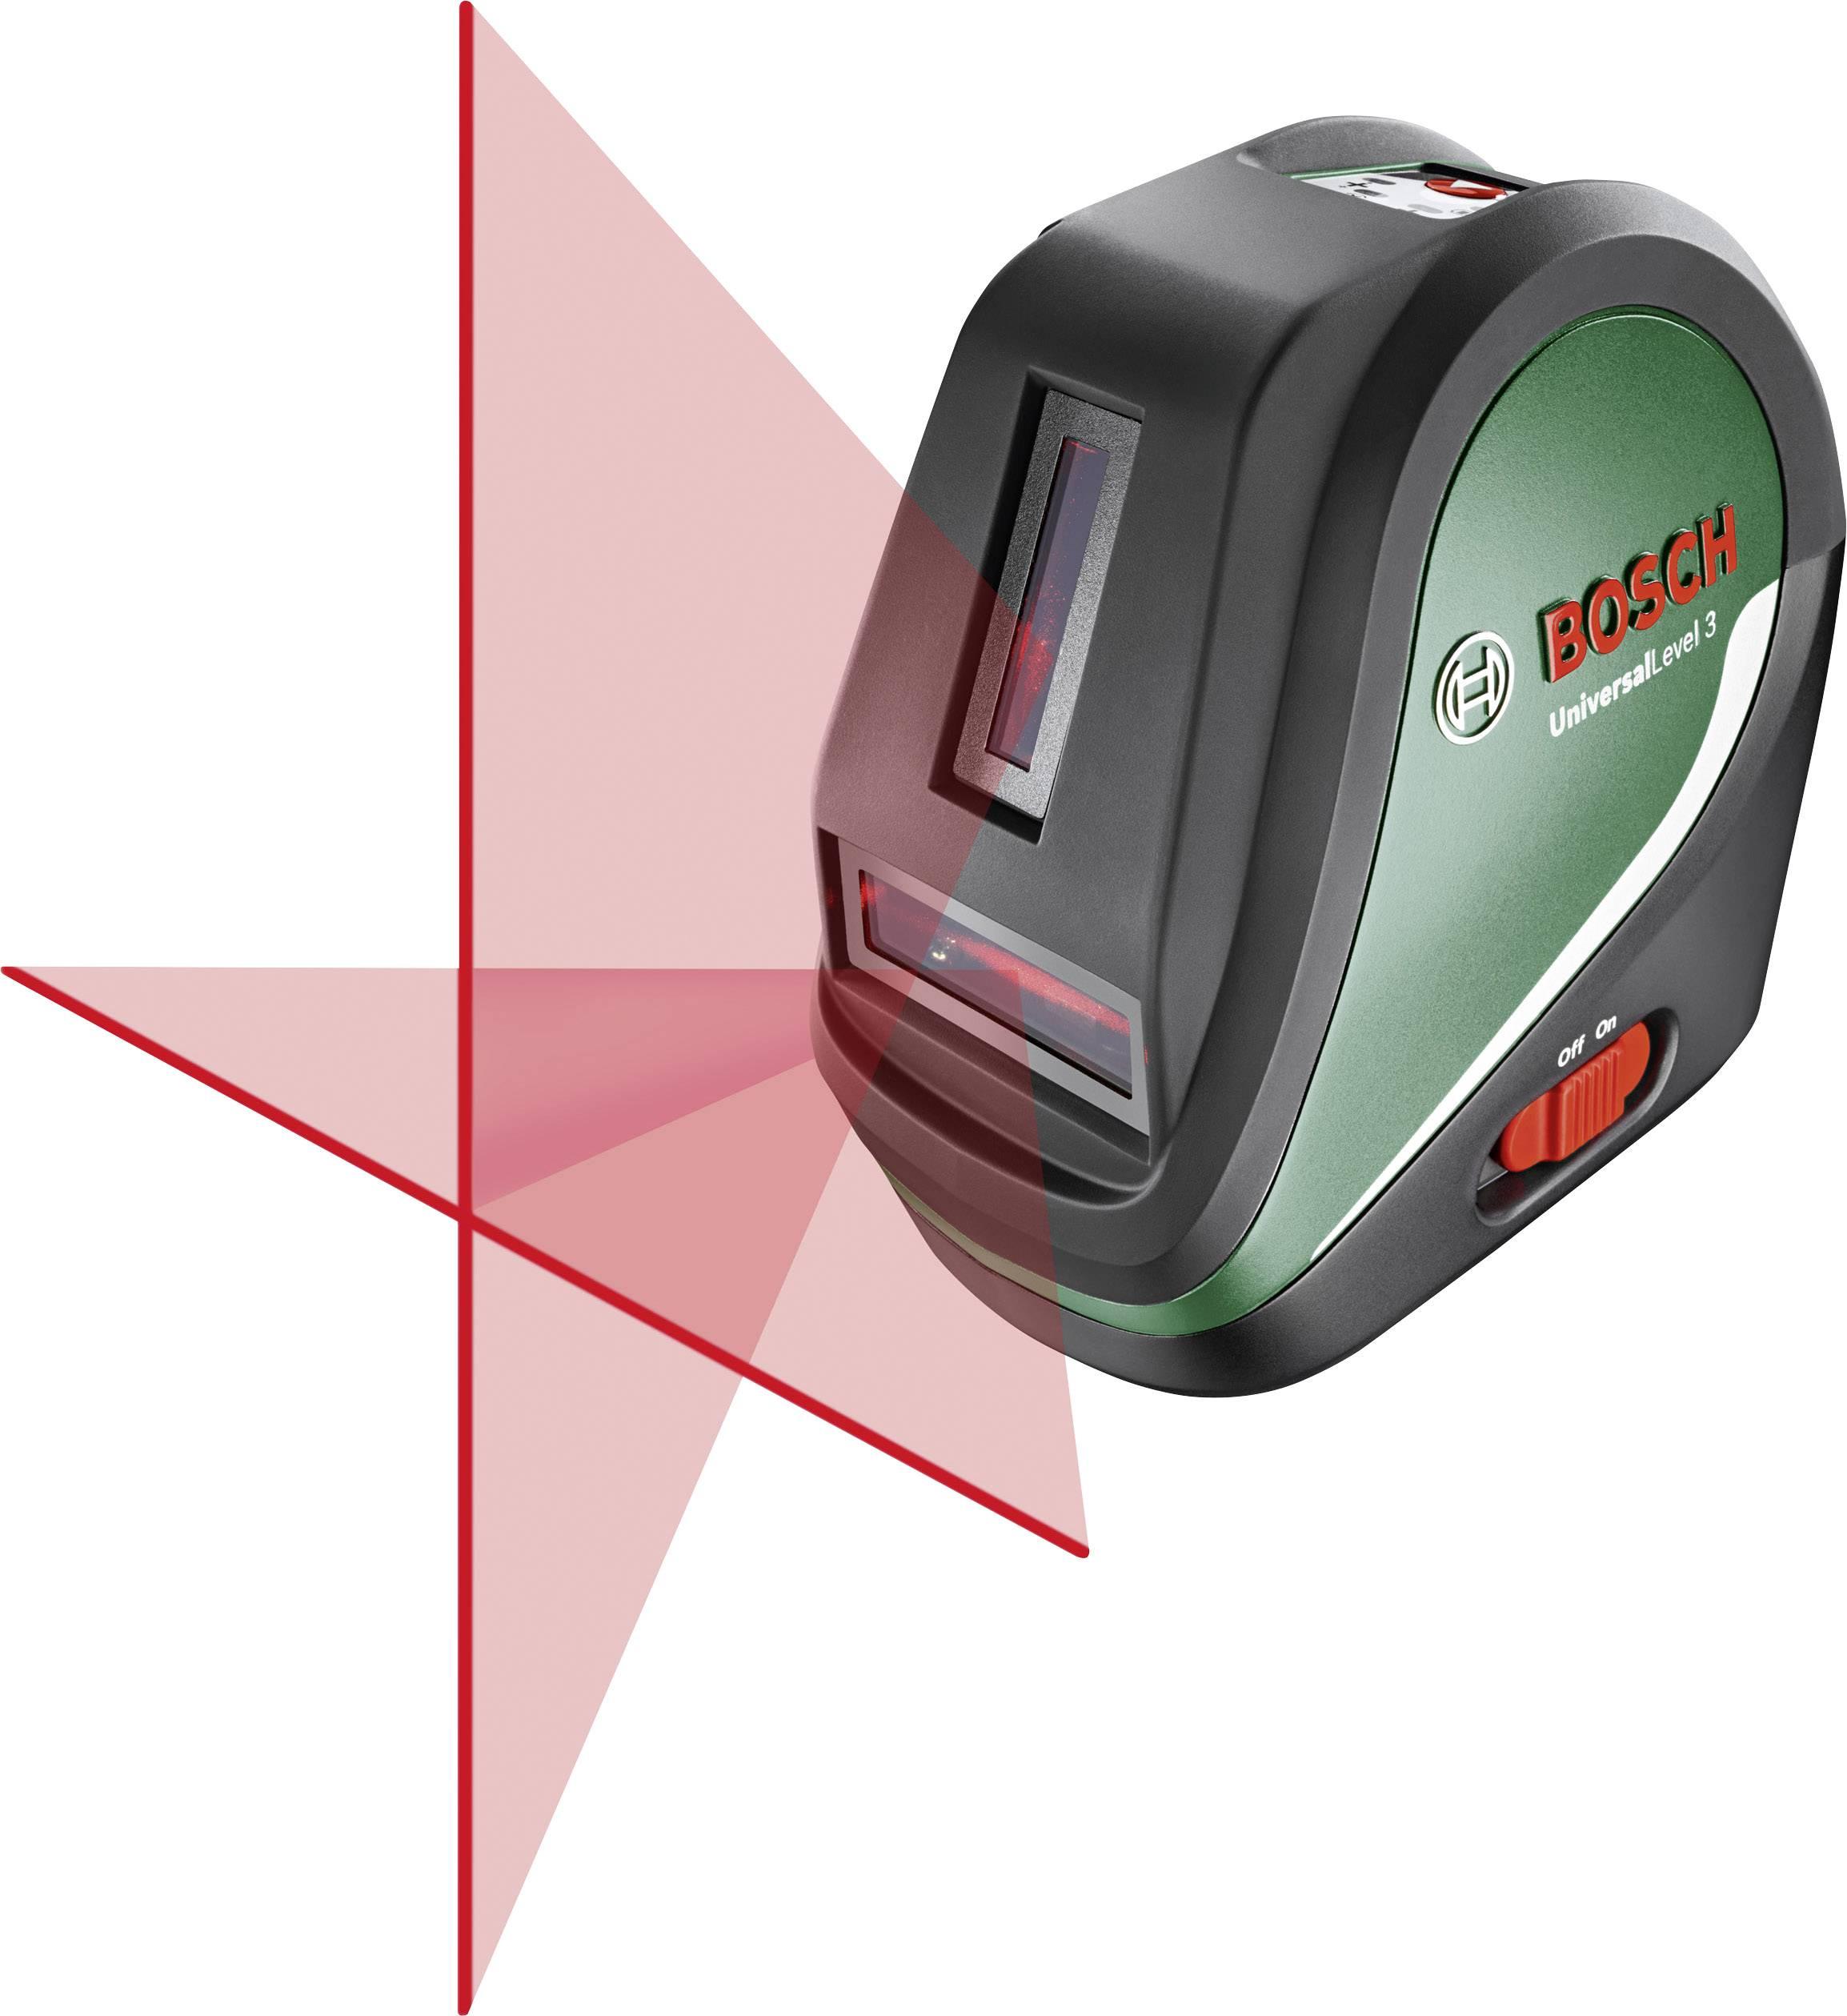 Křížový laser samonivelační Bosch Home and Garden UniversalLevel 3 Basic, dosah (max.): 10 m, Kalibrováno dle: podnikový standard (bez certifikátu) (own)